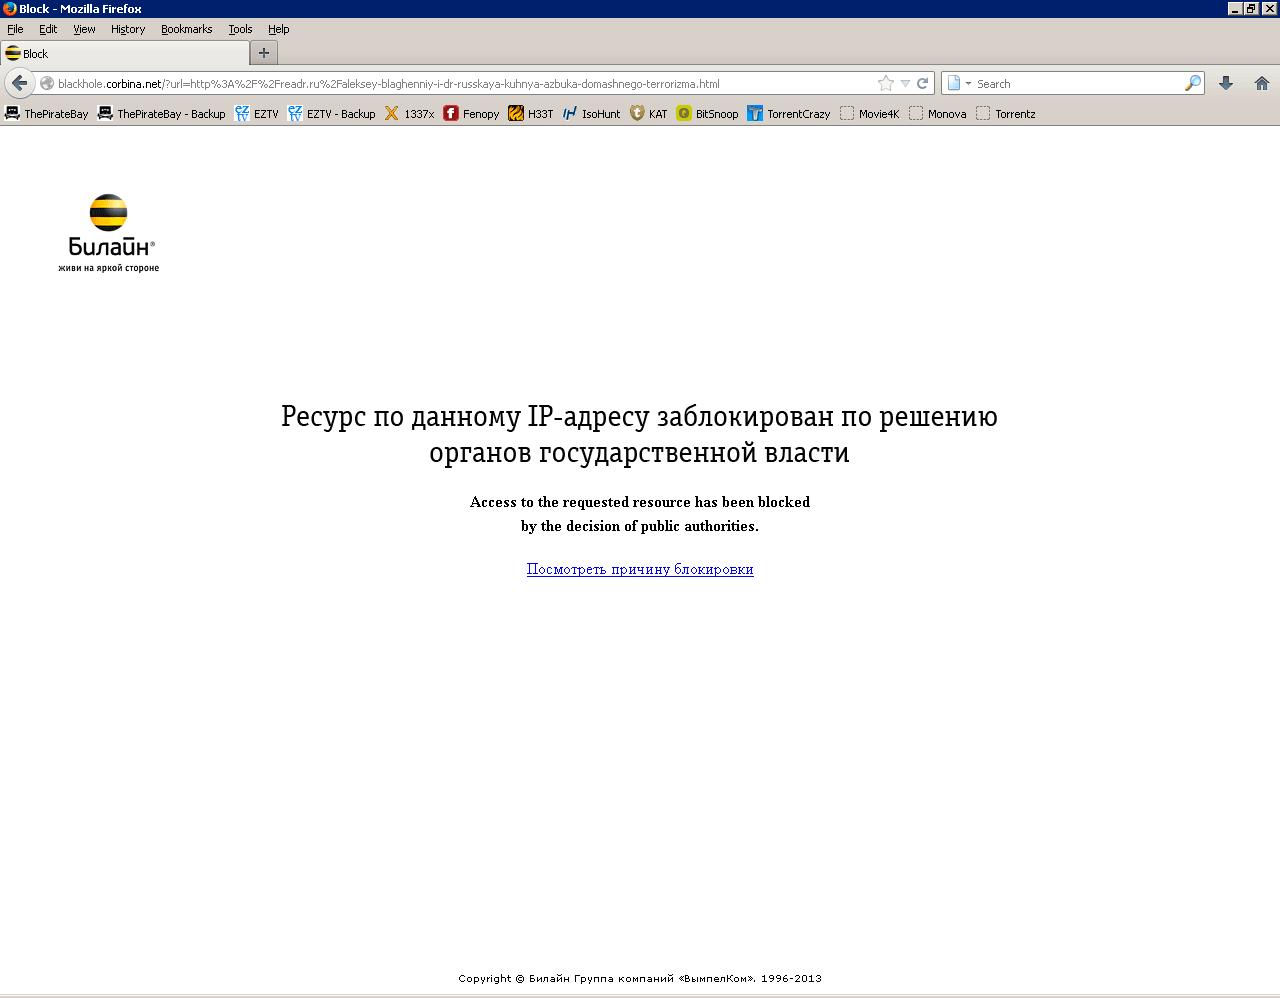 kak-zablokirovat-porno-sayti-v-yandekse